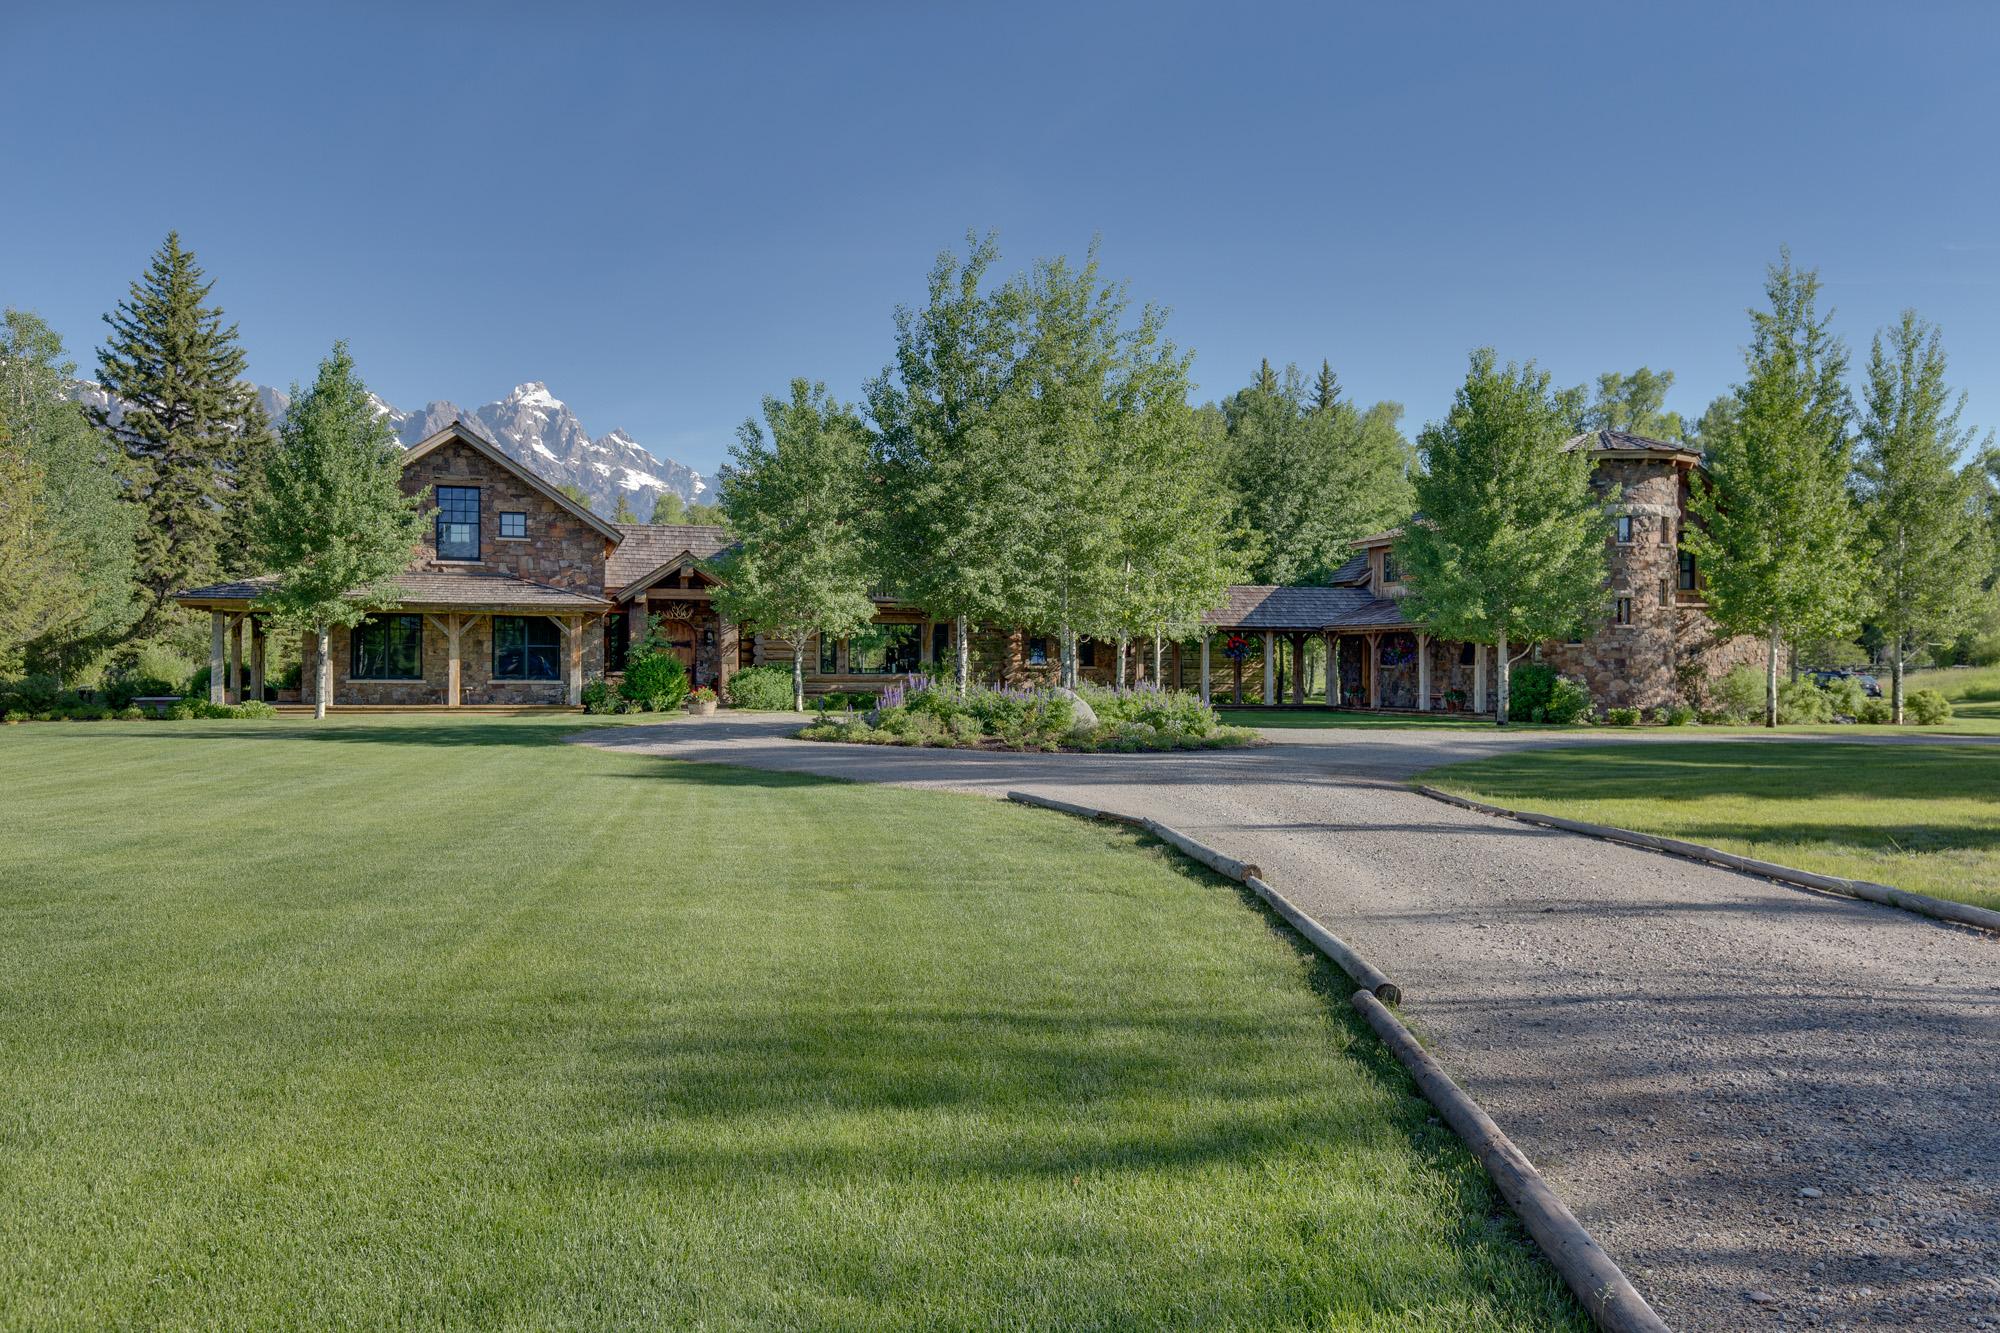 Maison unifamiliale pour l Vente à Timeless Appeal on the Snake River 1205 E Middle Meadow Road Jackson, Wyoming 83001 États-Unis